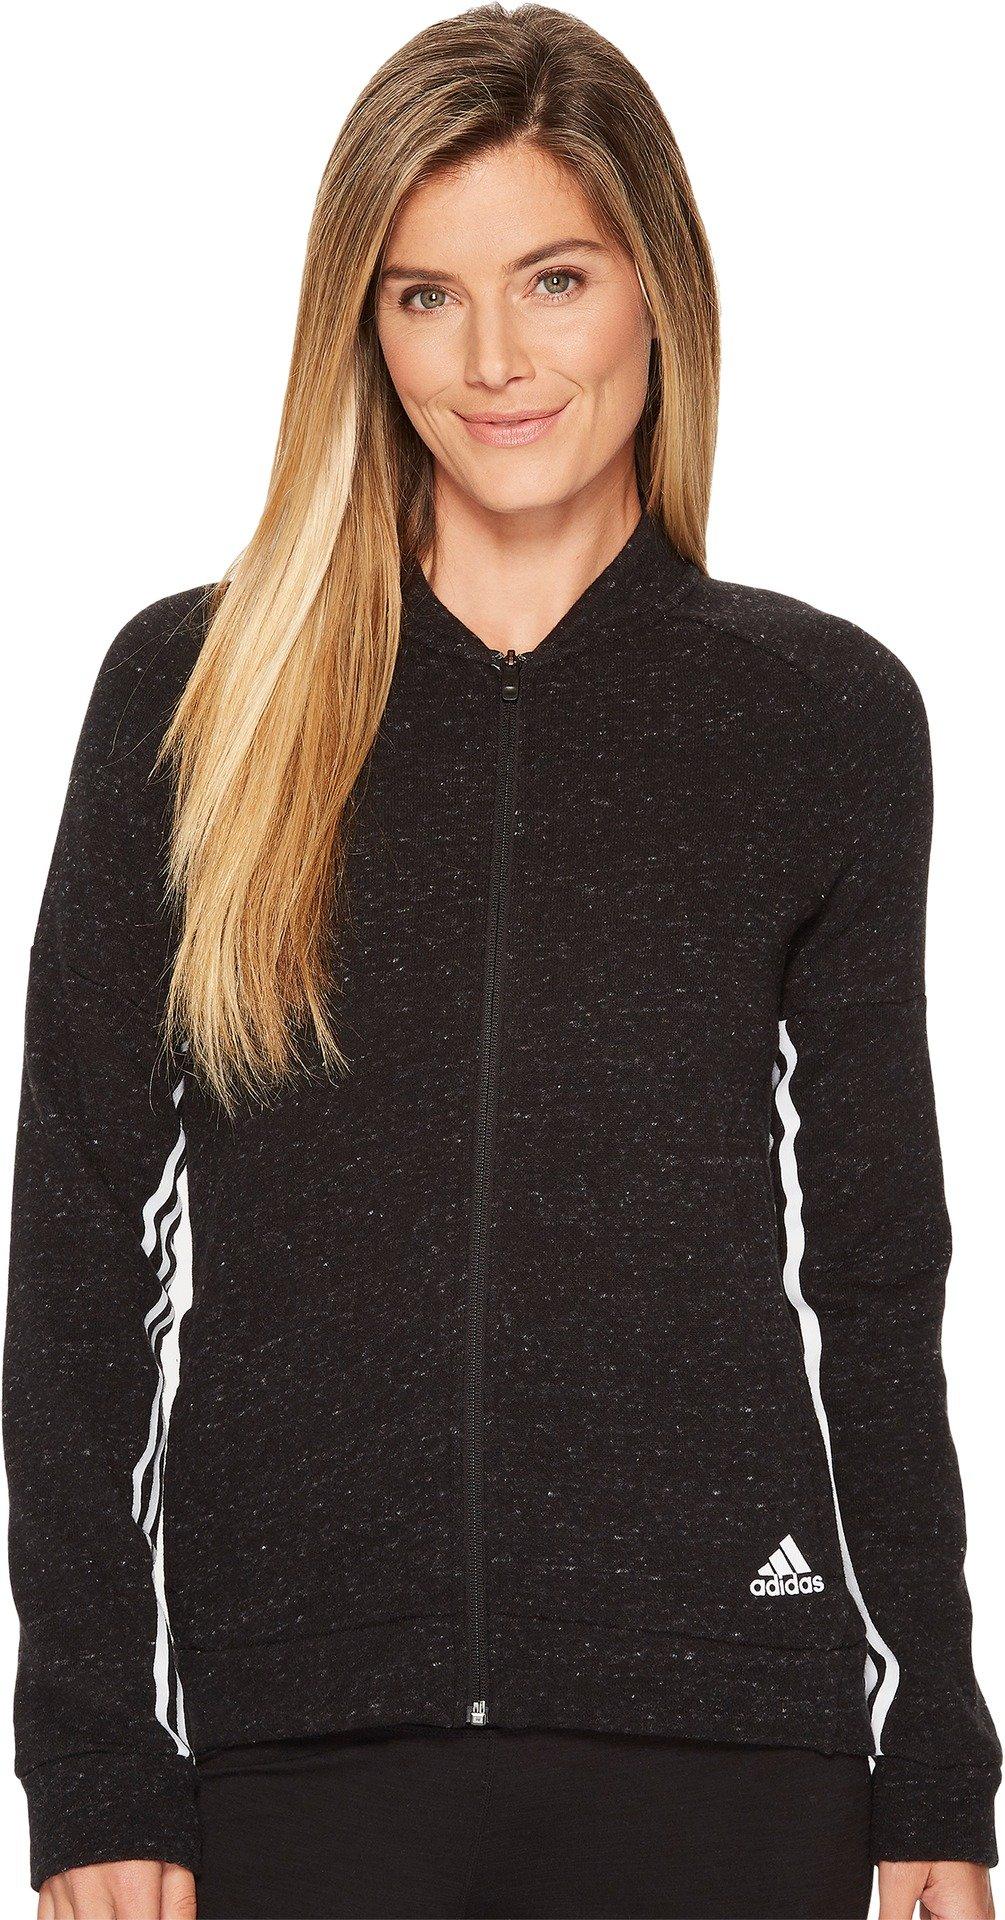 adidas Women's Athletics Sport-2-Street Track Jacket, Black Melange/White, Large